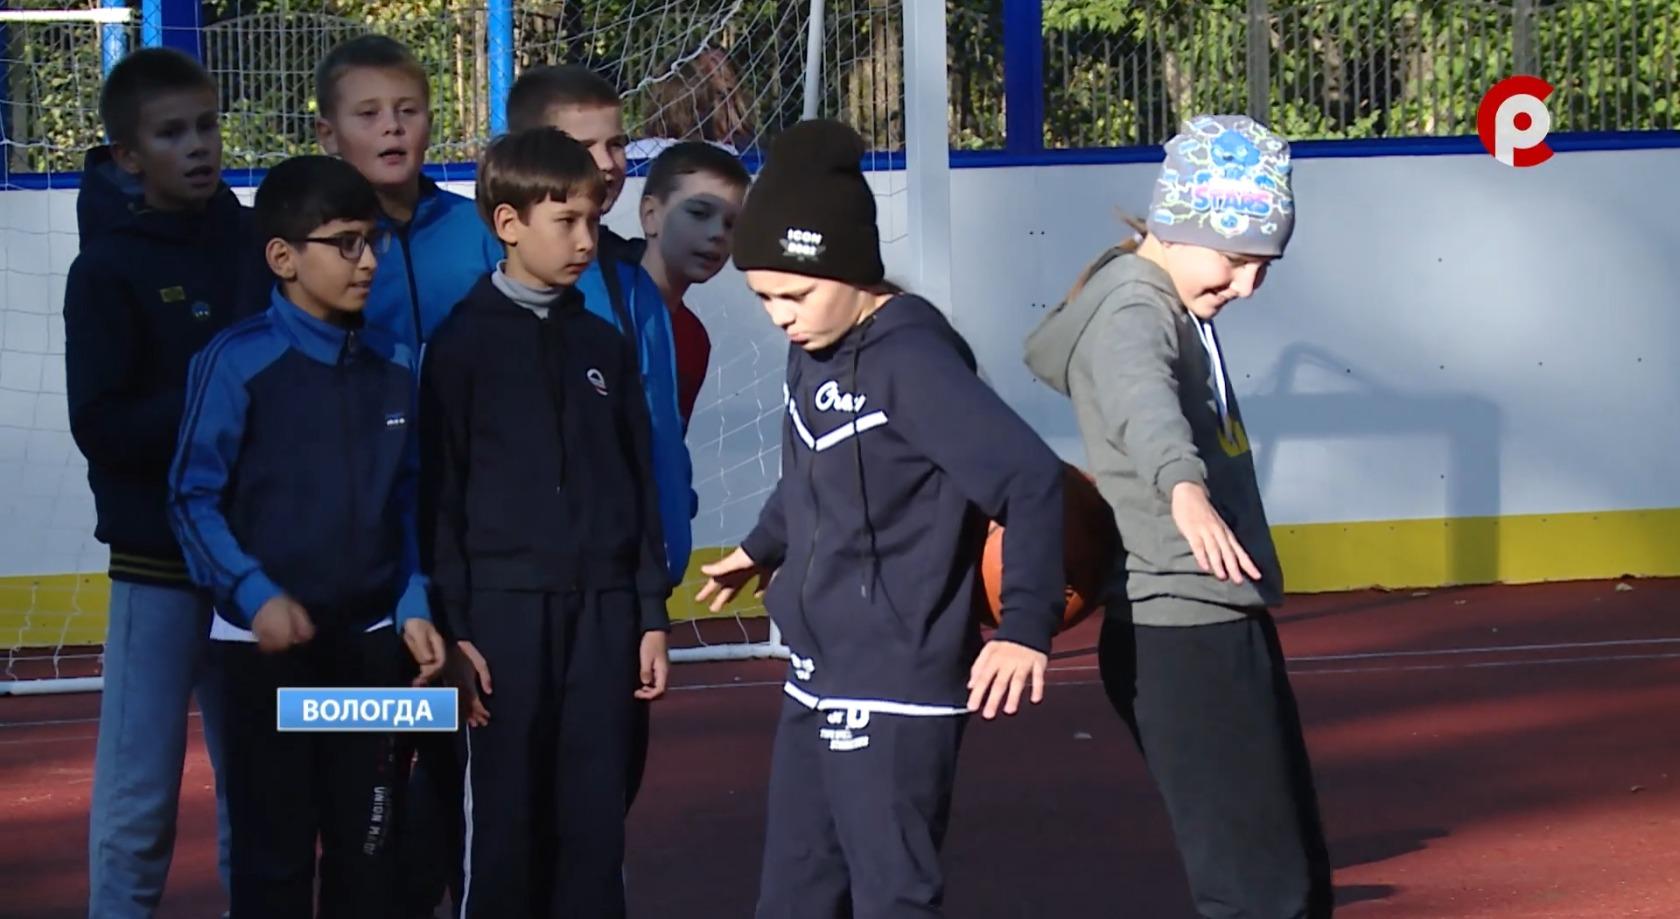 Школьники любят спорт, но долго не могли полноценно заниматься им на улице